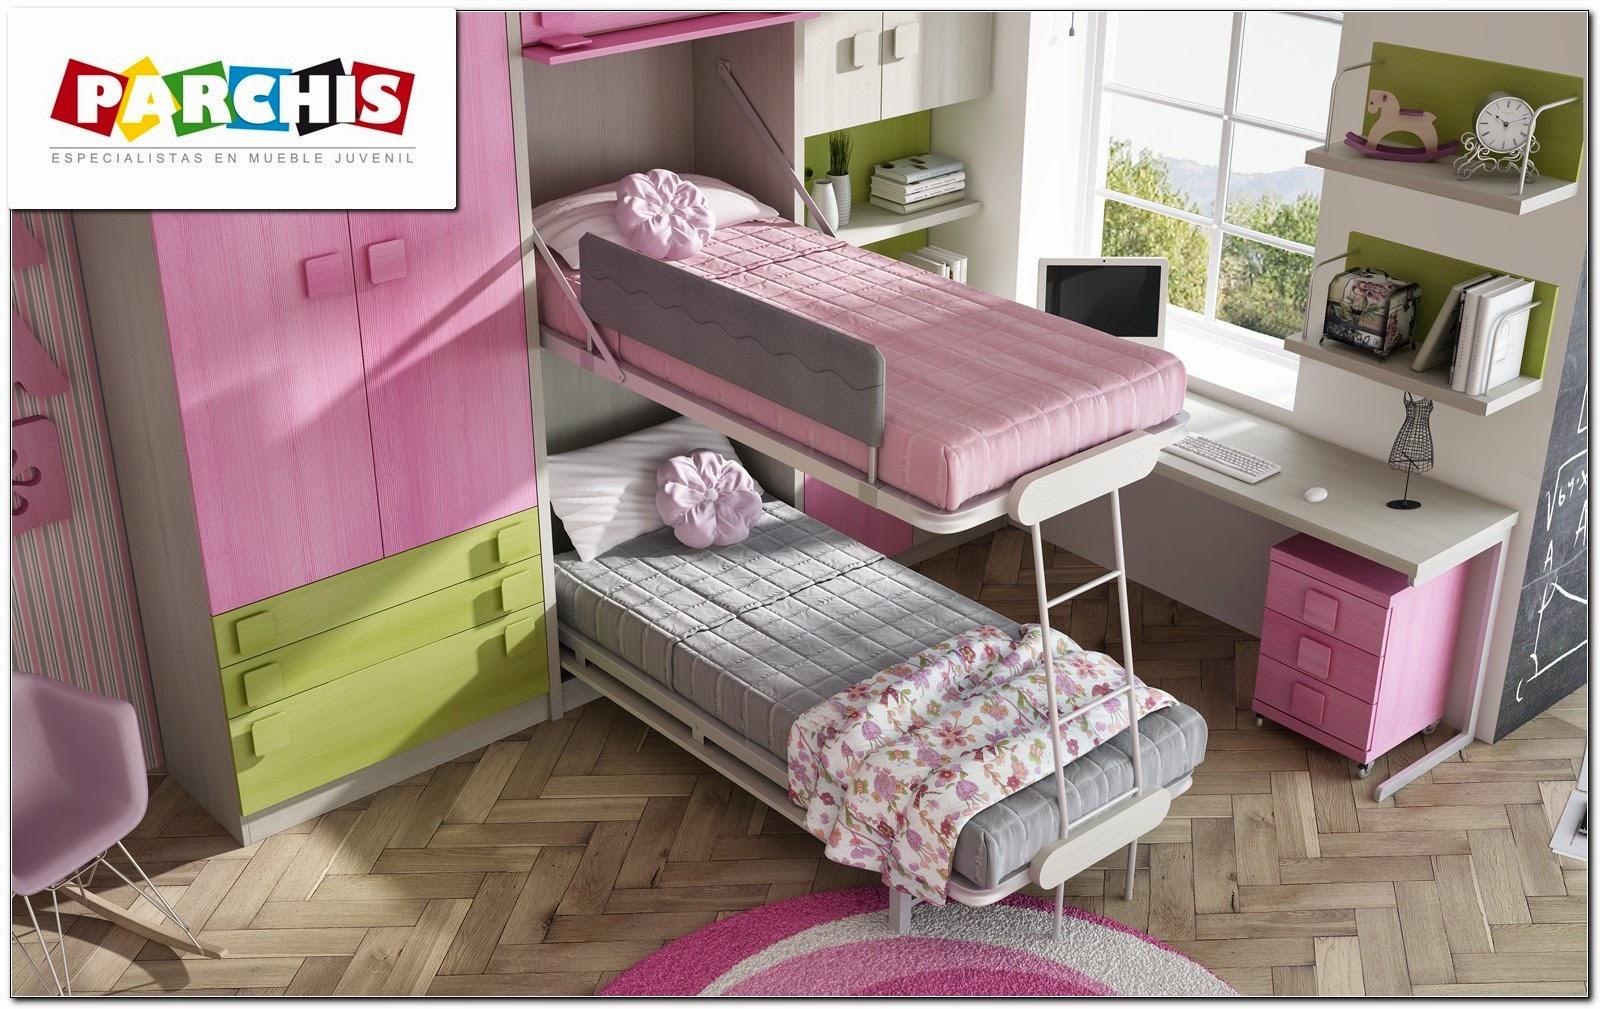 Cama mesa abatible camas autoportantes literas - Camas abatibles literas ...